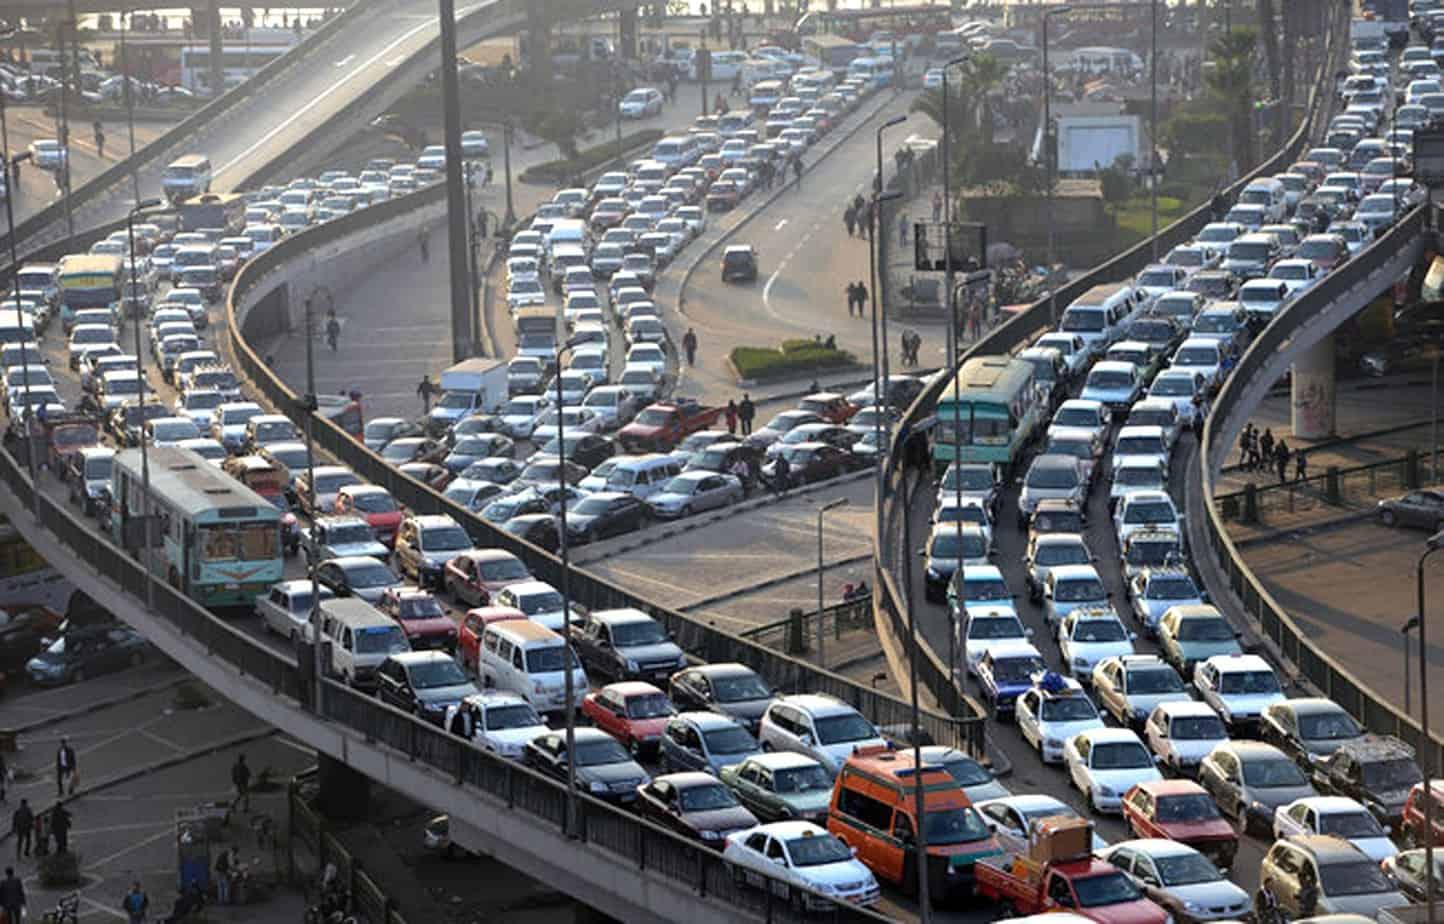 Una delle problematiche di sicurezza peculiari delle intersezioni stradali, oltre alla pericolosità dei punti di conflitto, è il deficit di visibilità che si può manifestare nella fase di approccio